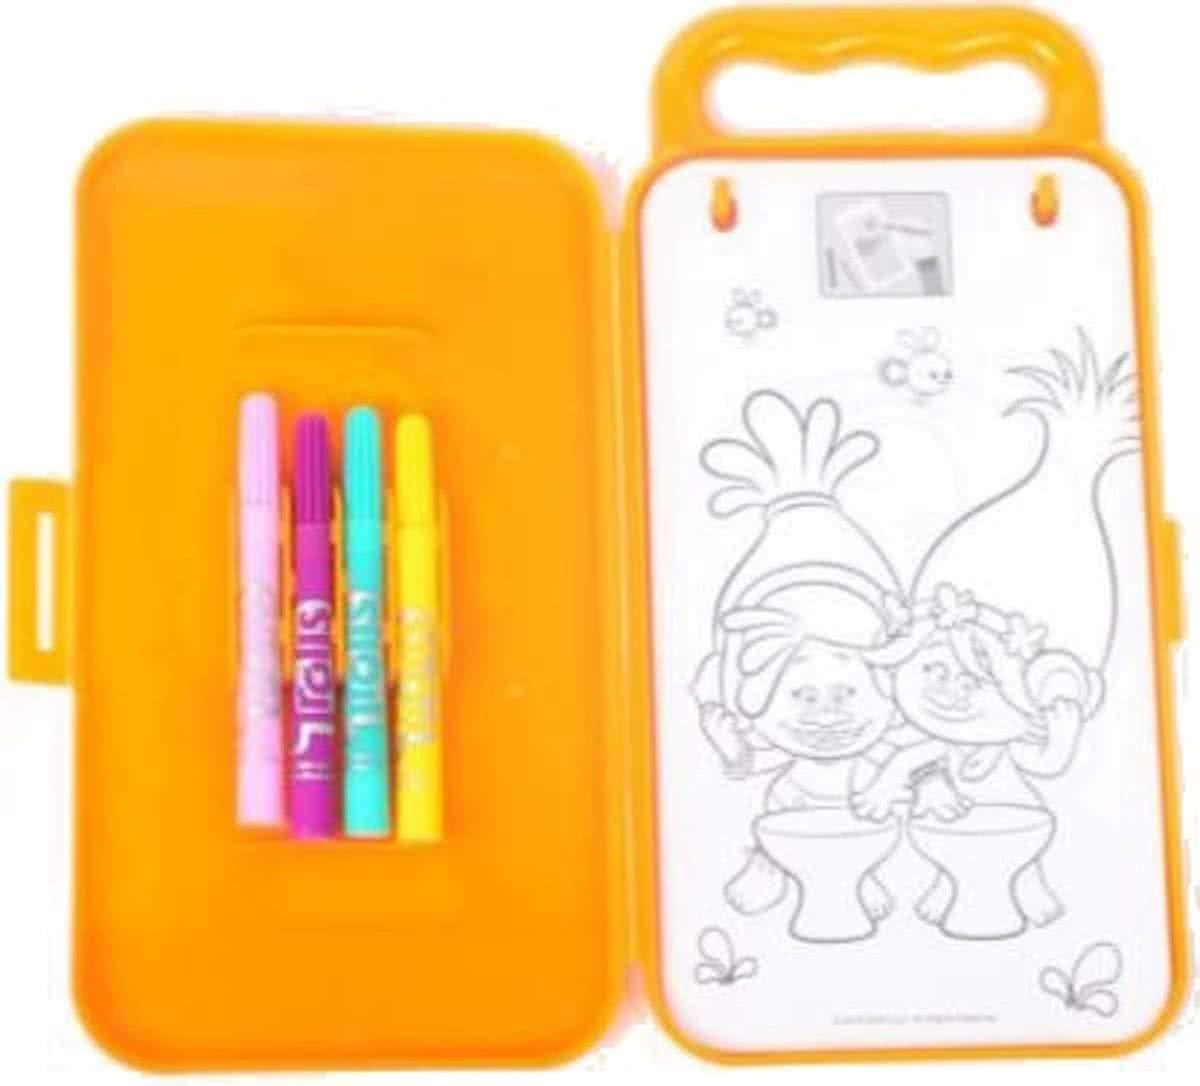 Trolls Poppy – Estuche pequeño para colorear de viaje – Lápices y hojas y pegatinas: Amazon.es: Hogar